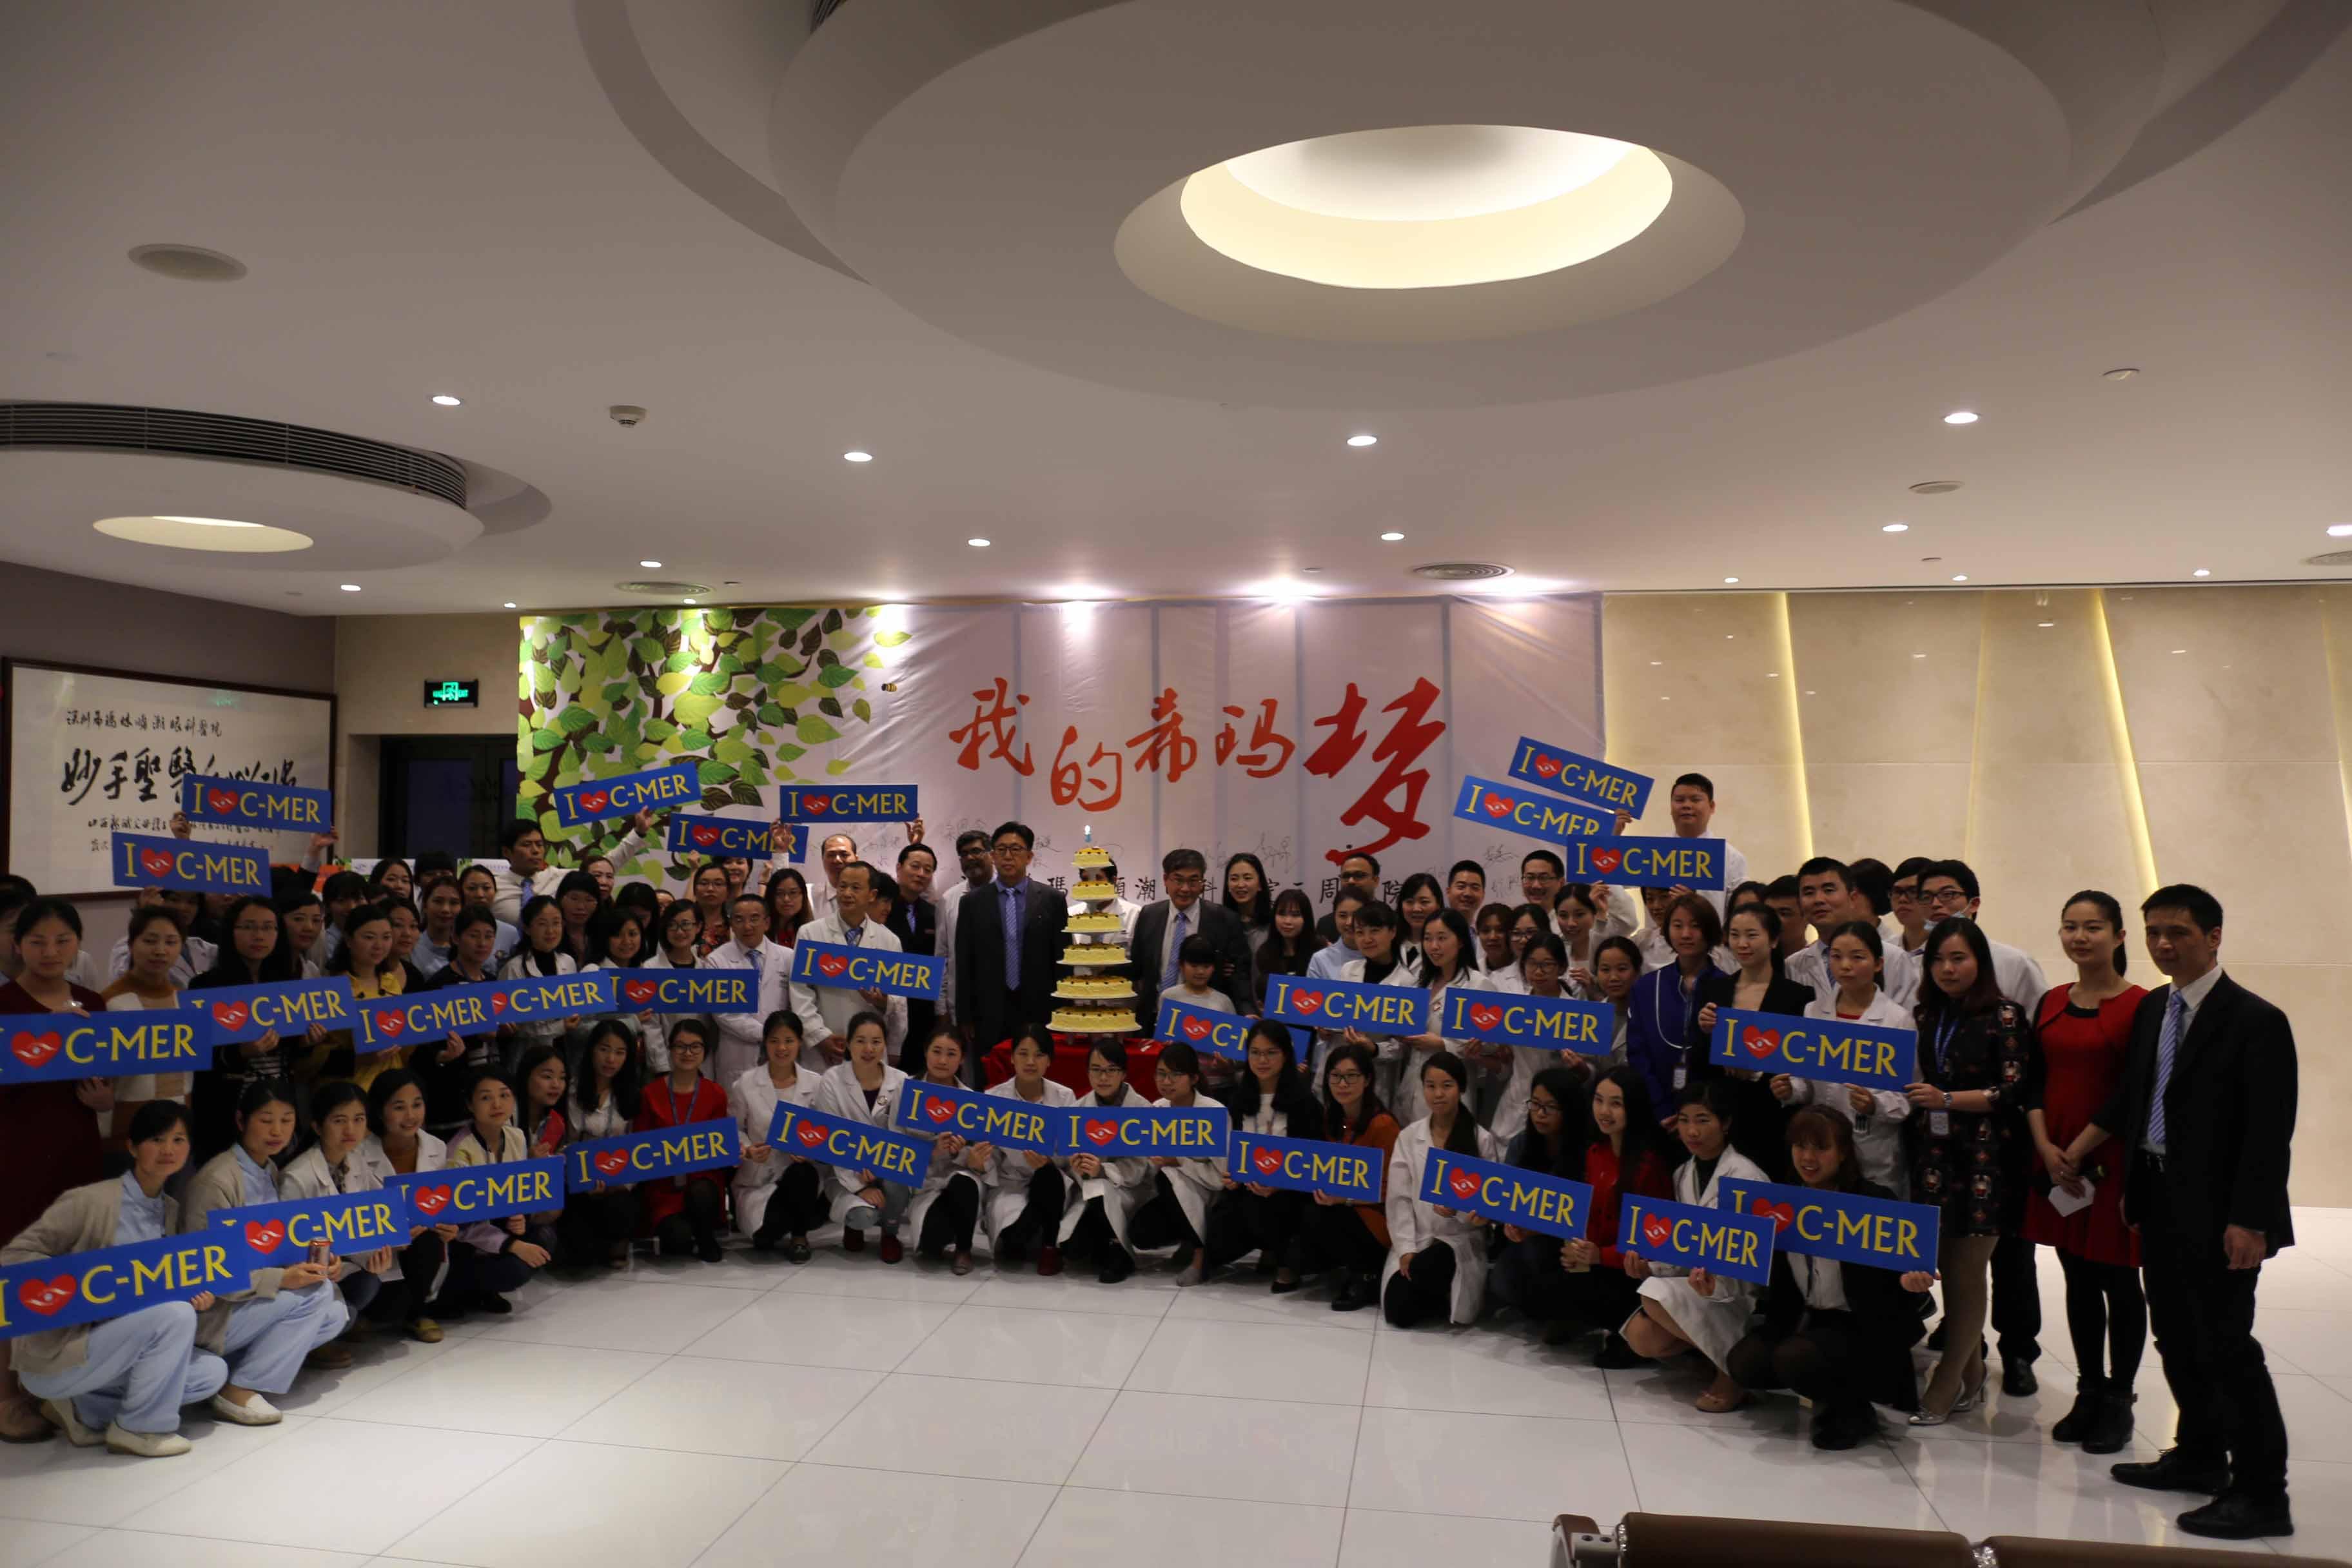 热烈庆祝:深圳希玛林顺潮眼科医院在深开业三周年!